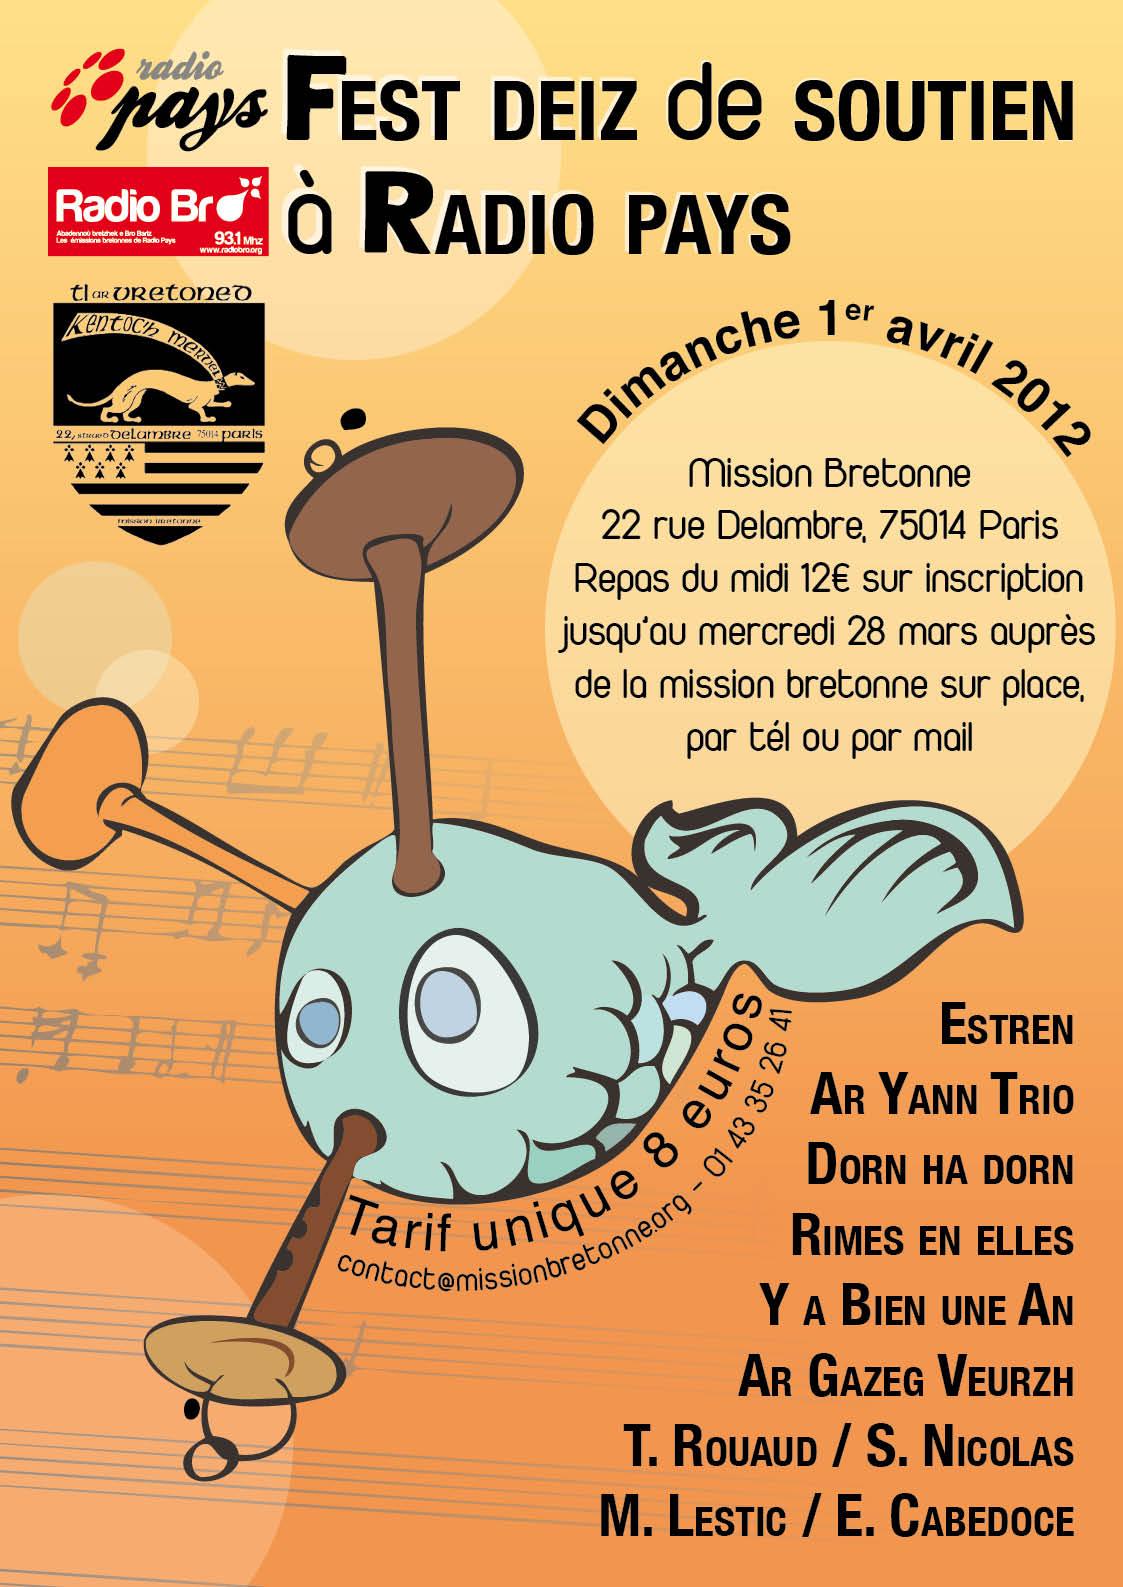 Fest-deiz de soutien à Radio Bro dimanche 1er avril à la Mission bretonne Ti ar Vretoned à Paris